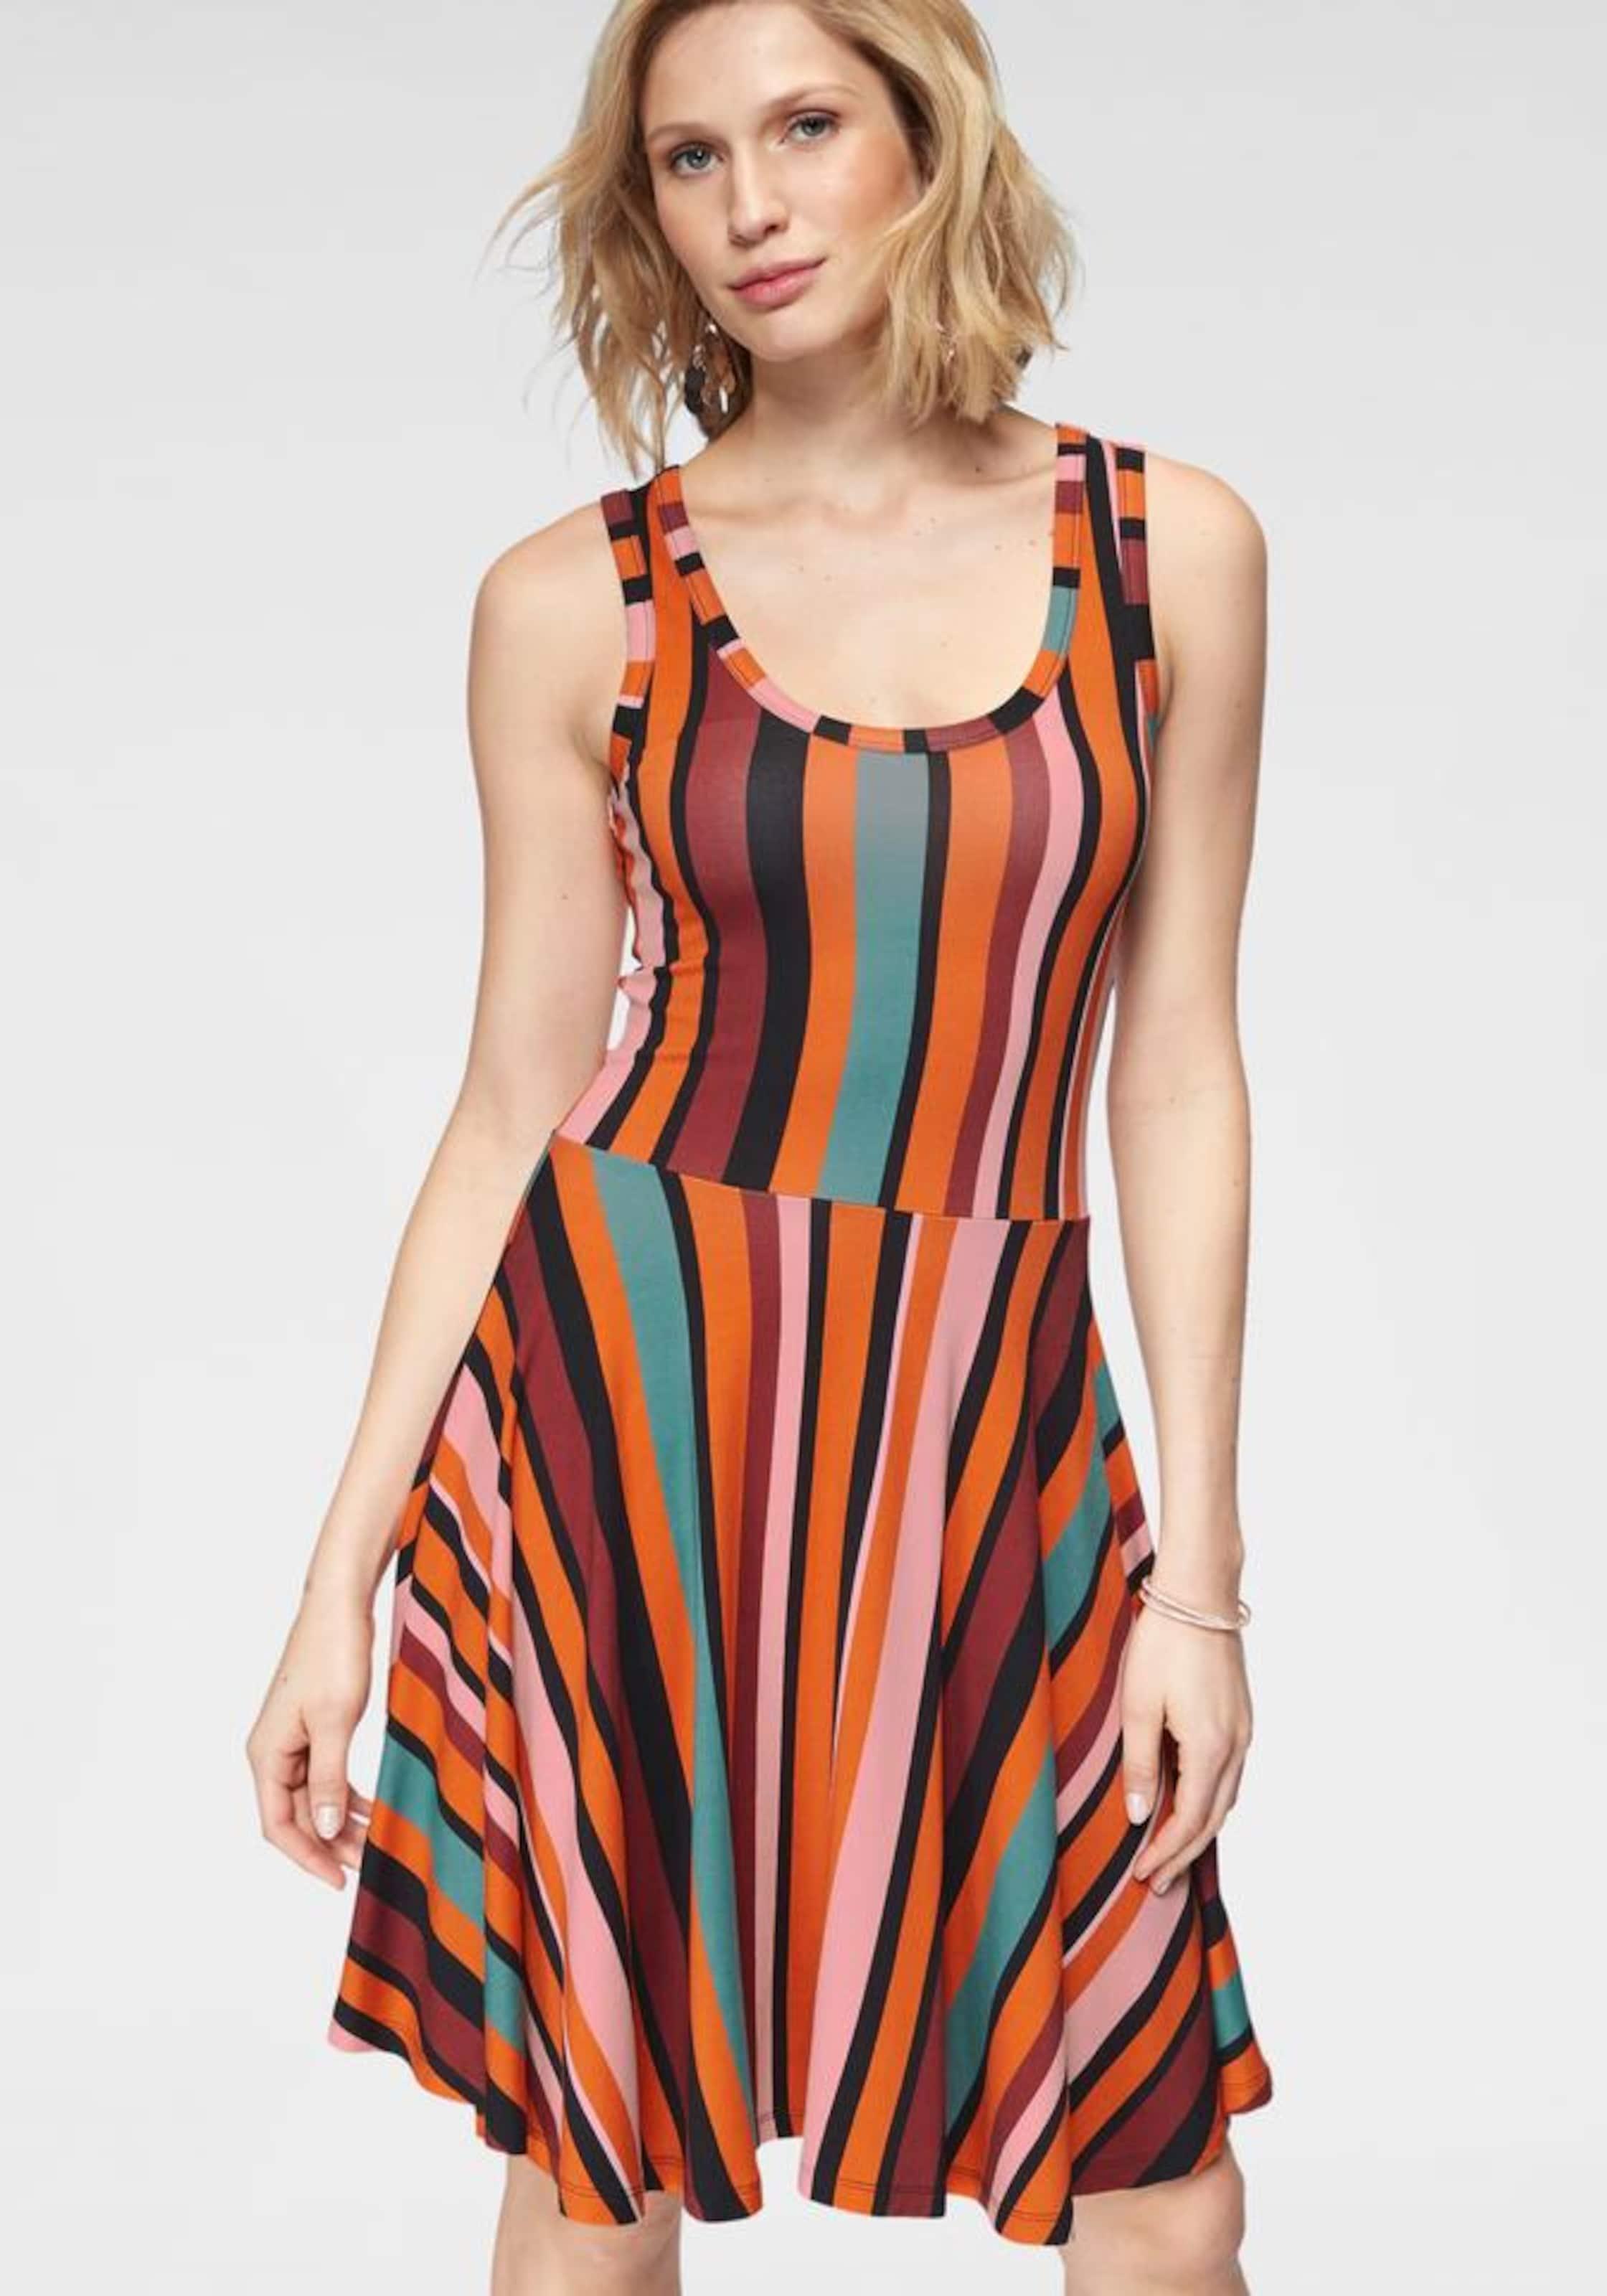 Laura Kleid Kleid Scott MischfarbenRostrot Scott In Laura bYf7gIv6y